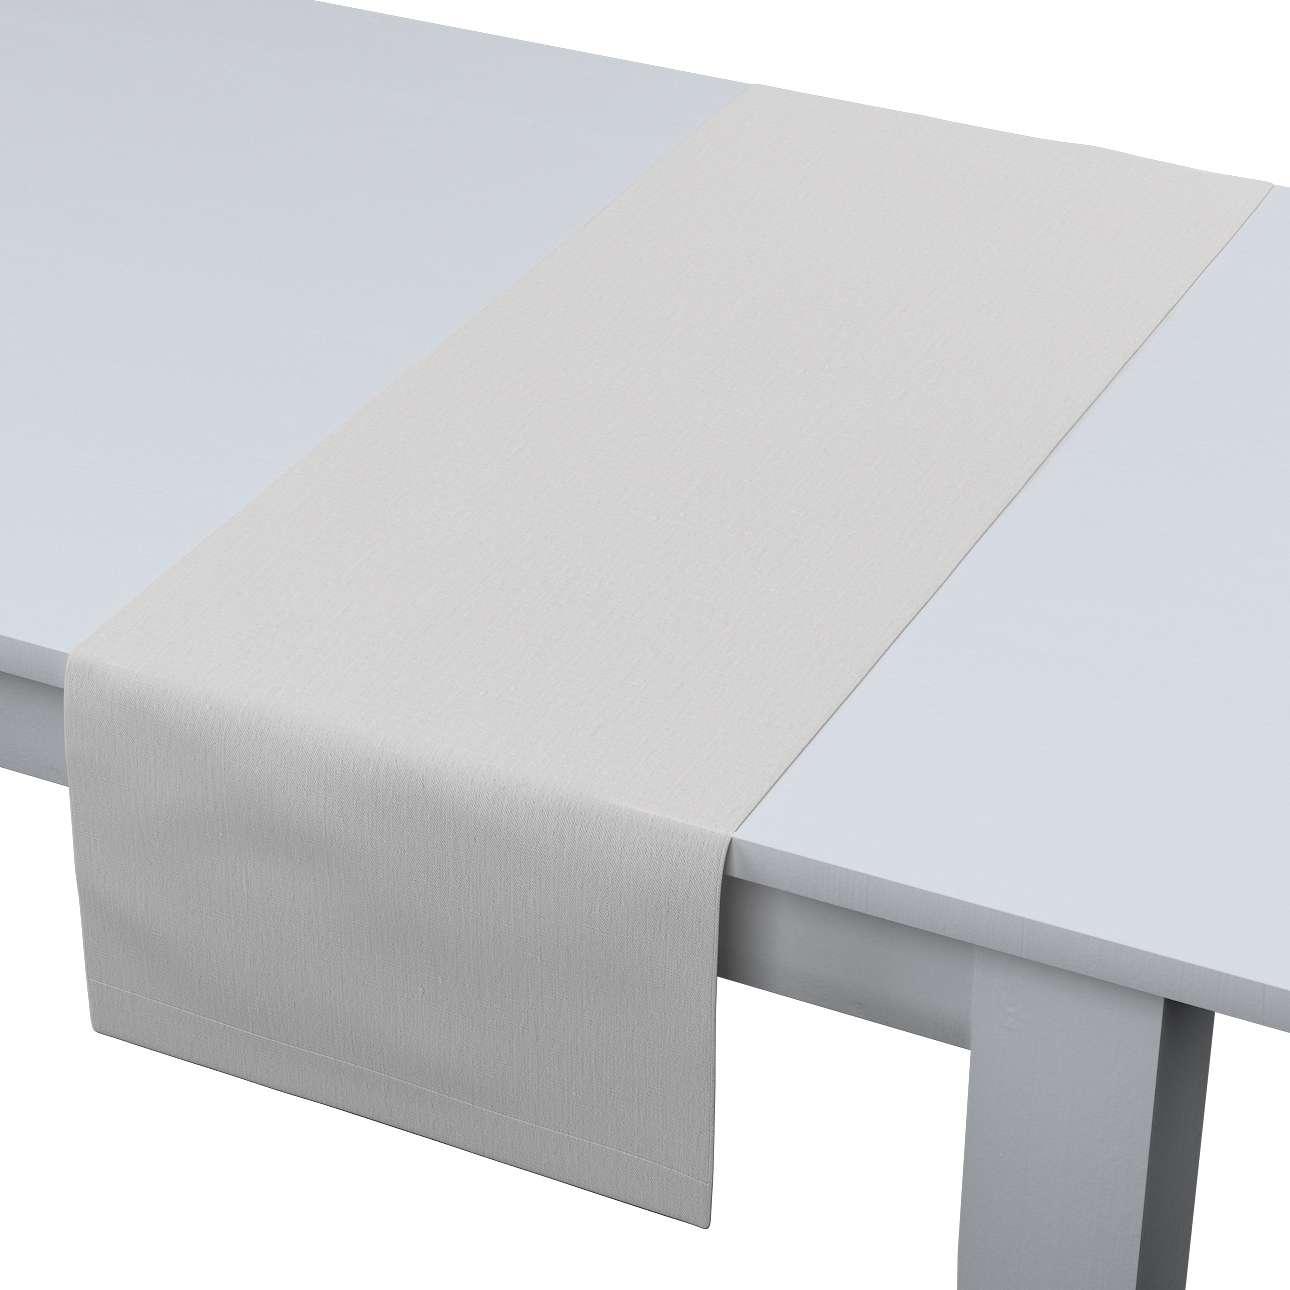 Bieżnik prostokątny 40x130 cm w kolekcji Linen, tkanina: 392-04